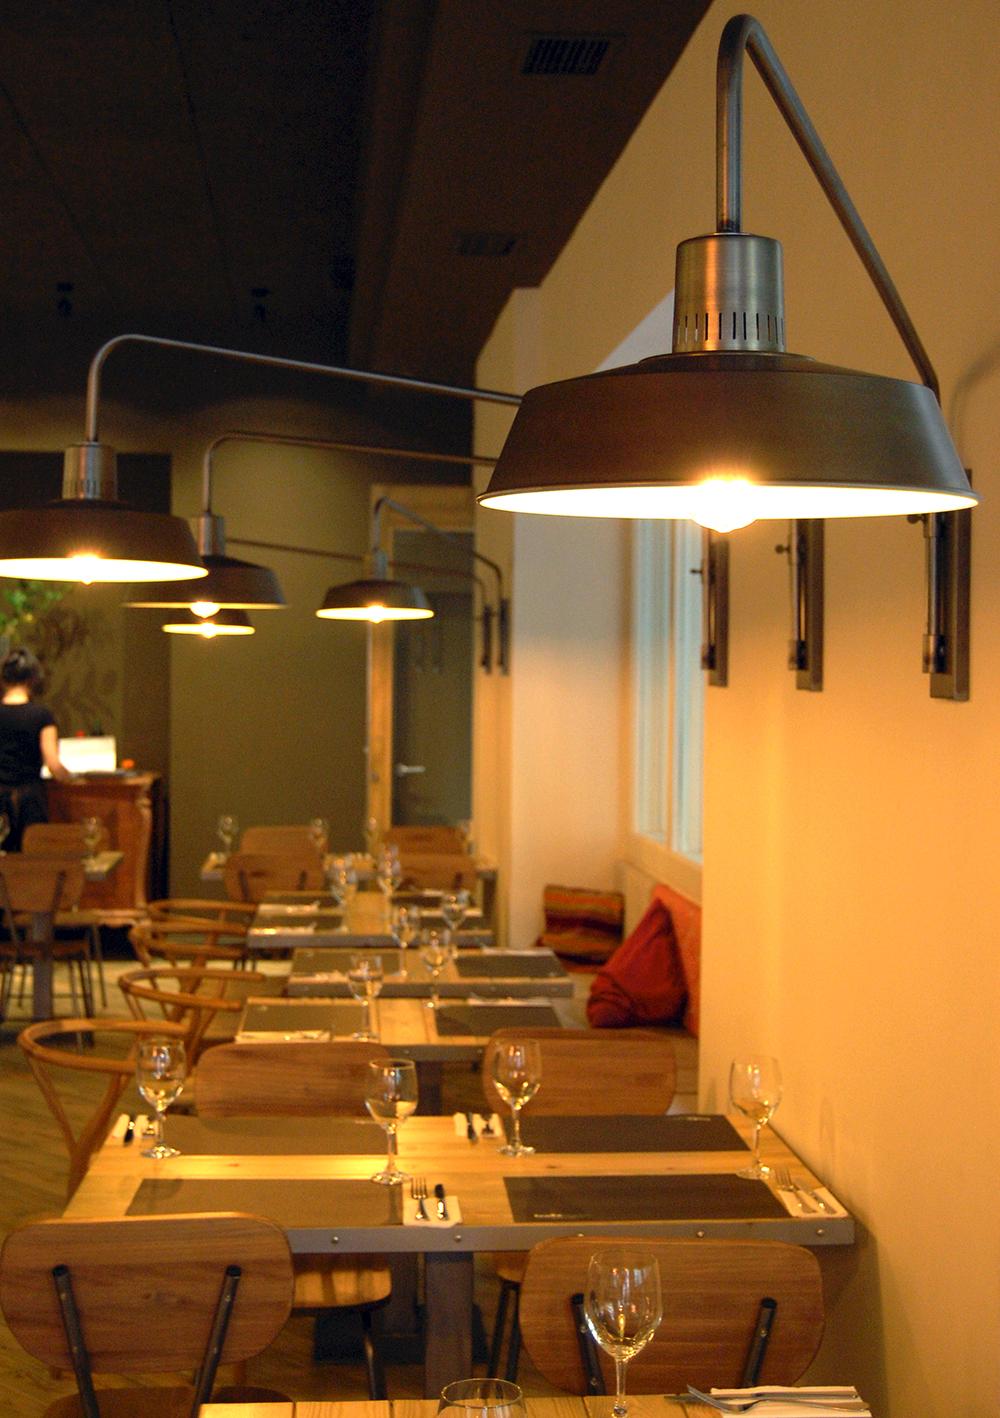 lamparas estilo industrial restaurante